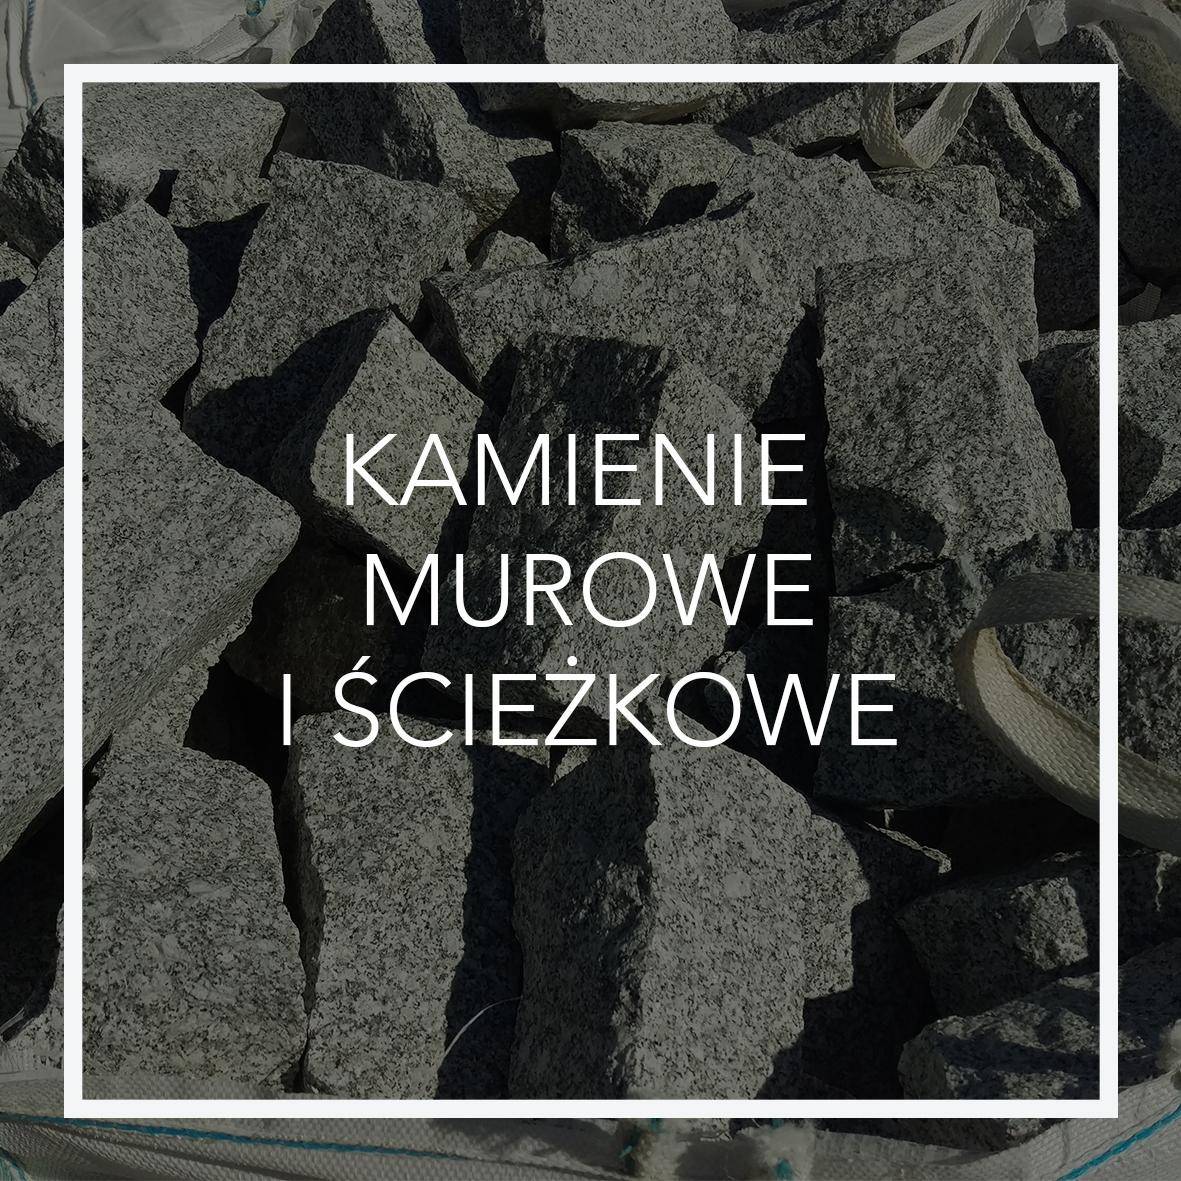 KAMIENIE MUROWE I ŚCIEŻKOWE_2